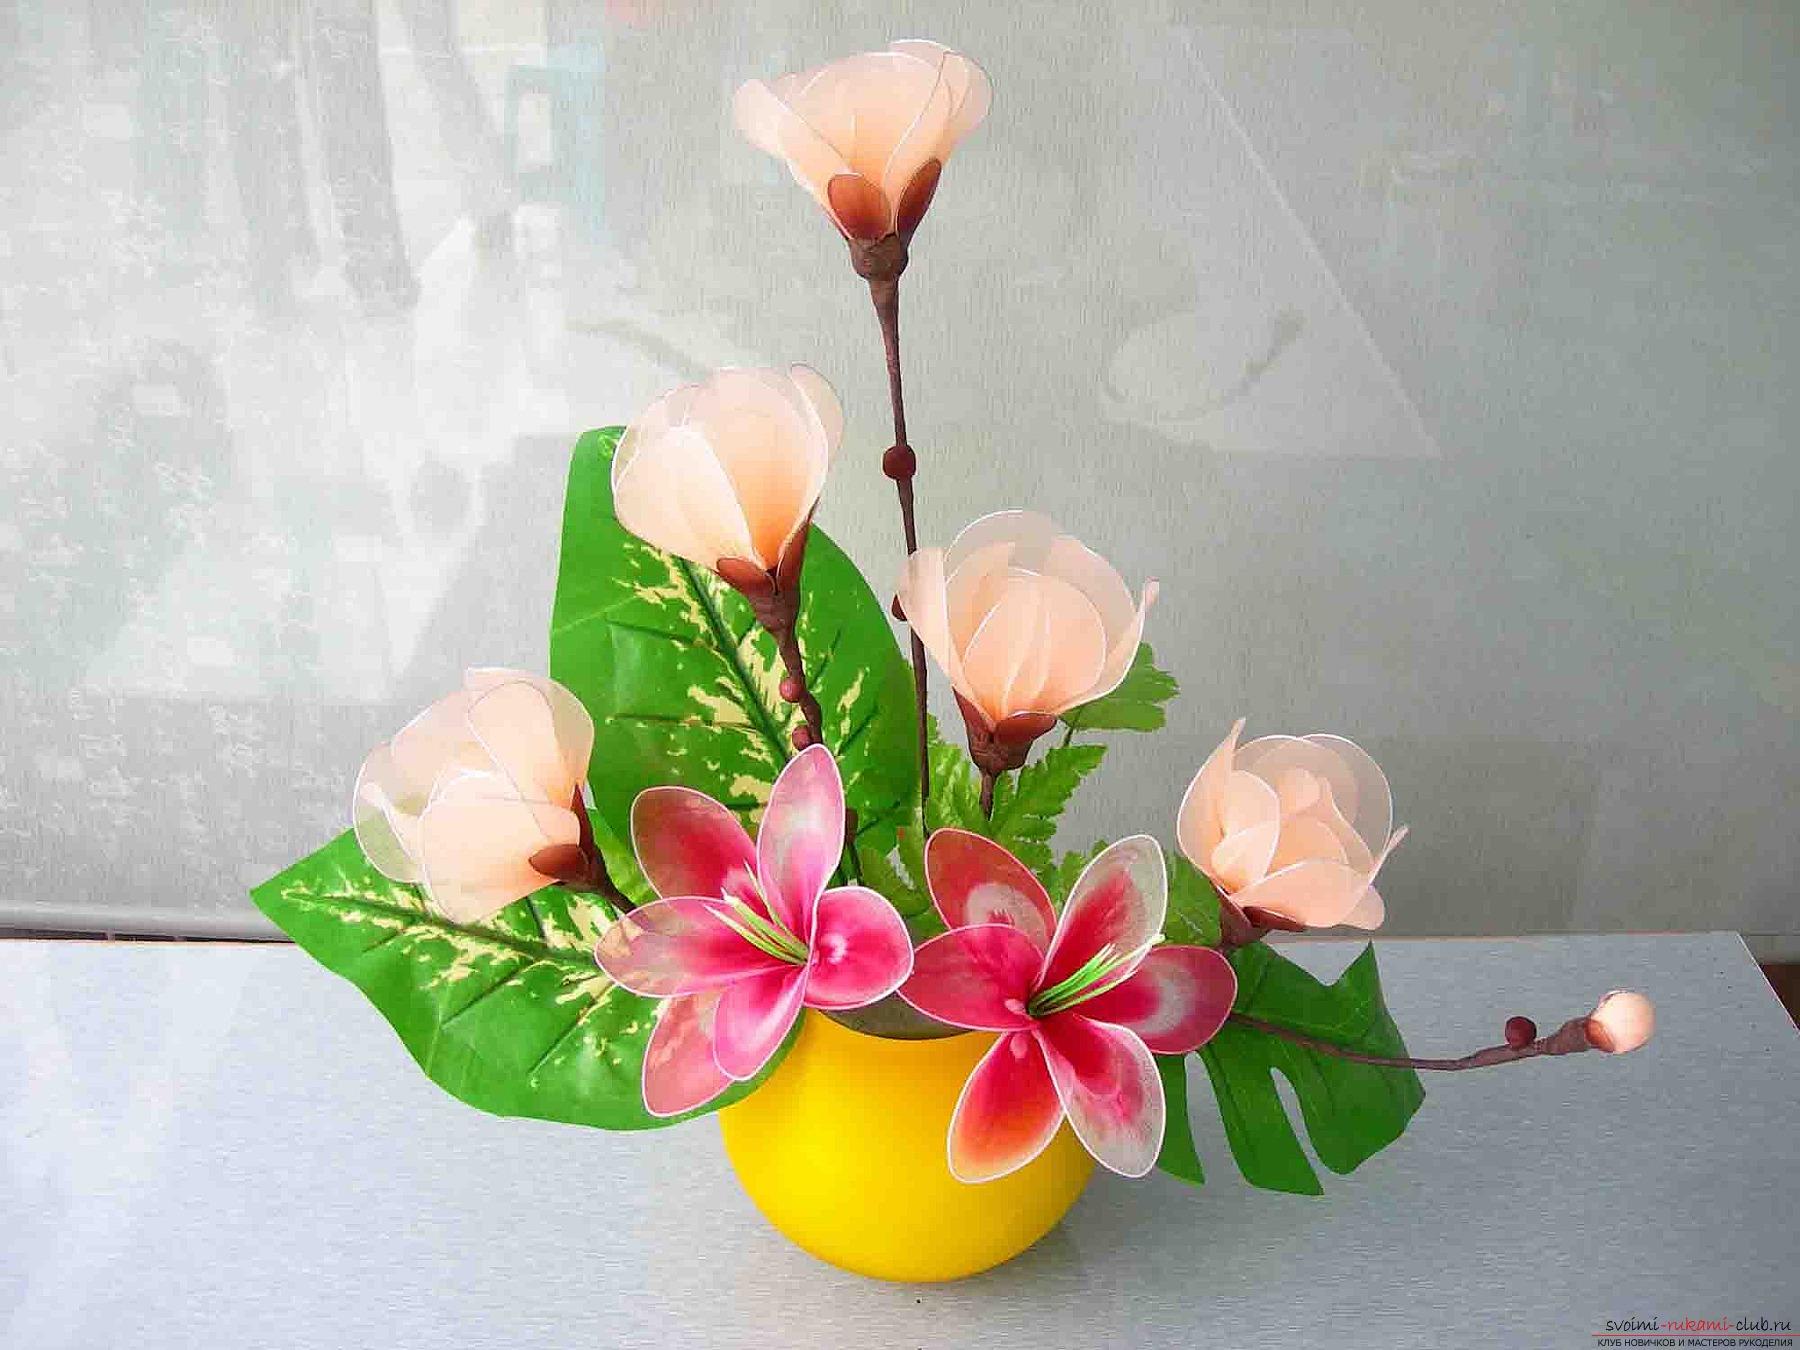 Как сделать искусственный цветок своими руками фото